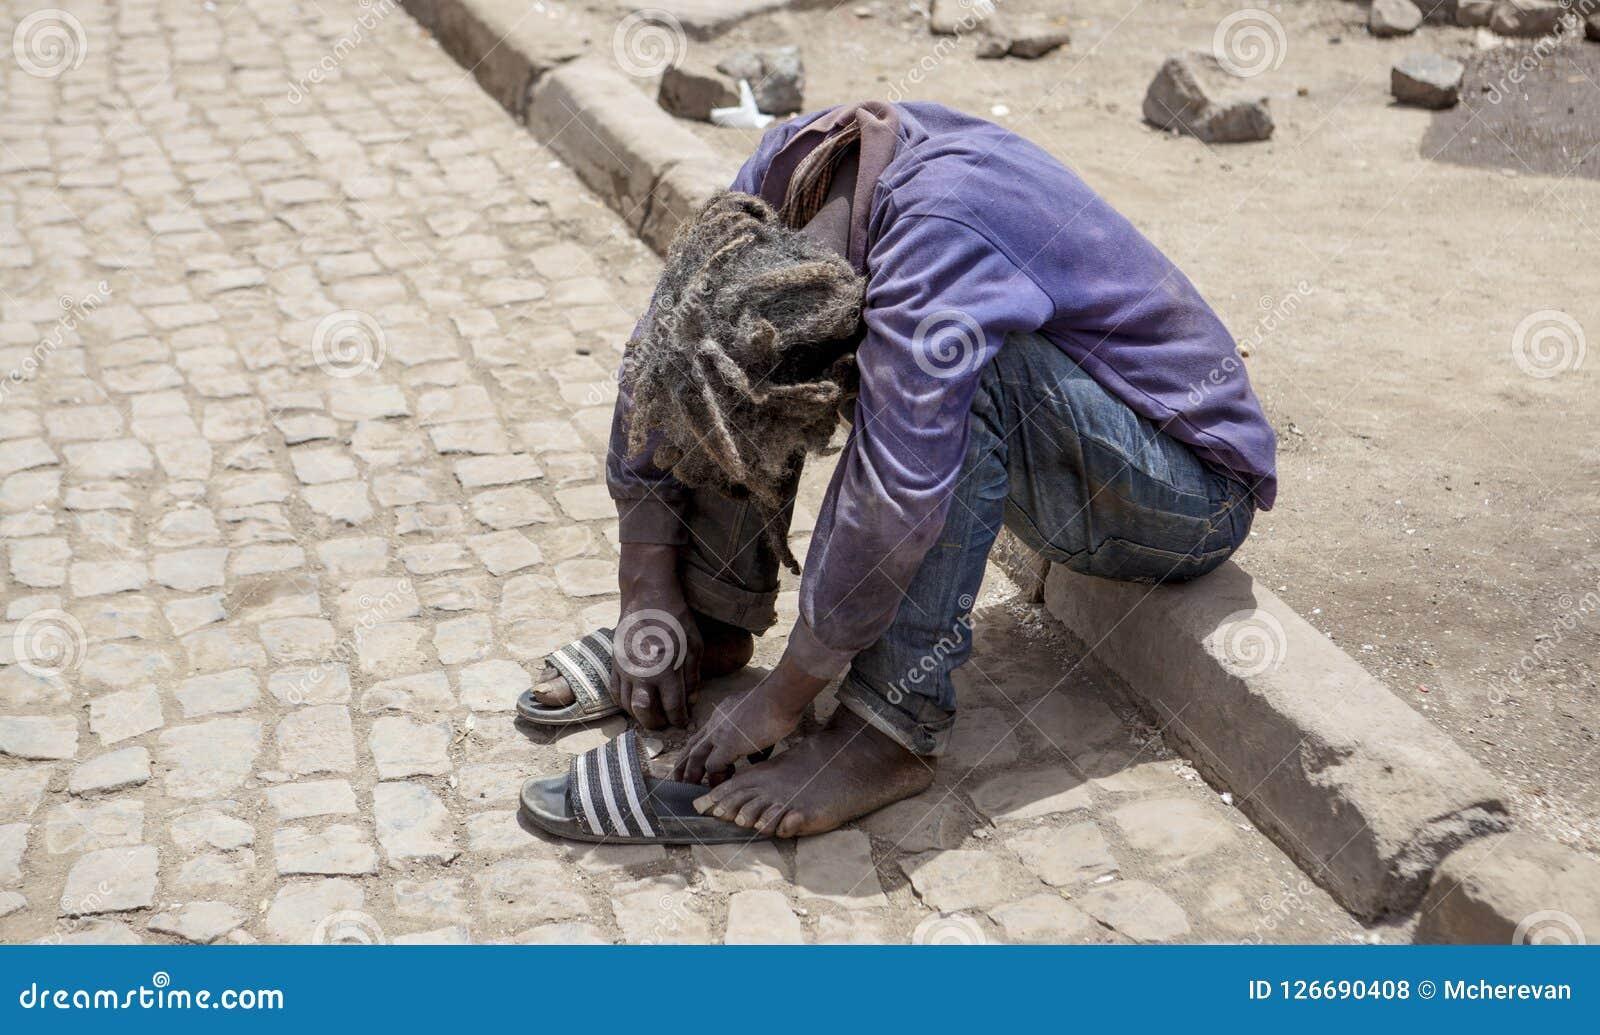 Άστεγοι, hobo Ένα βρώμικο δύσοσμο άτομο αγυρτών κάθεται εξωτερικό και φωνάζει με τη θλίψη